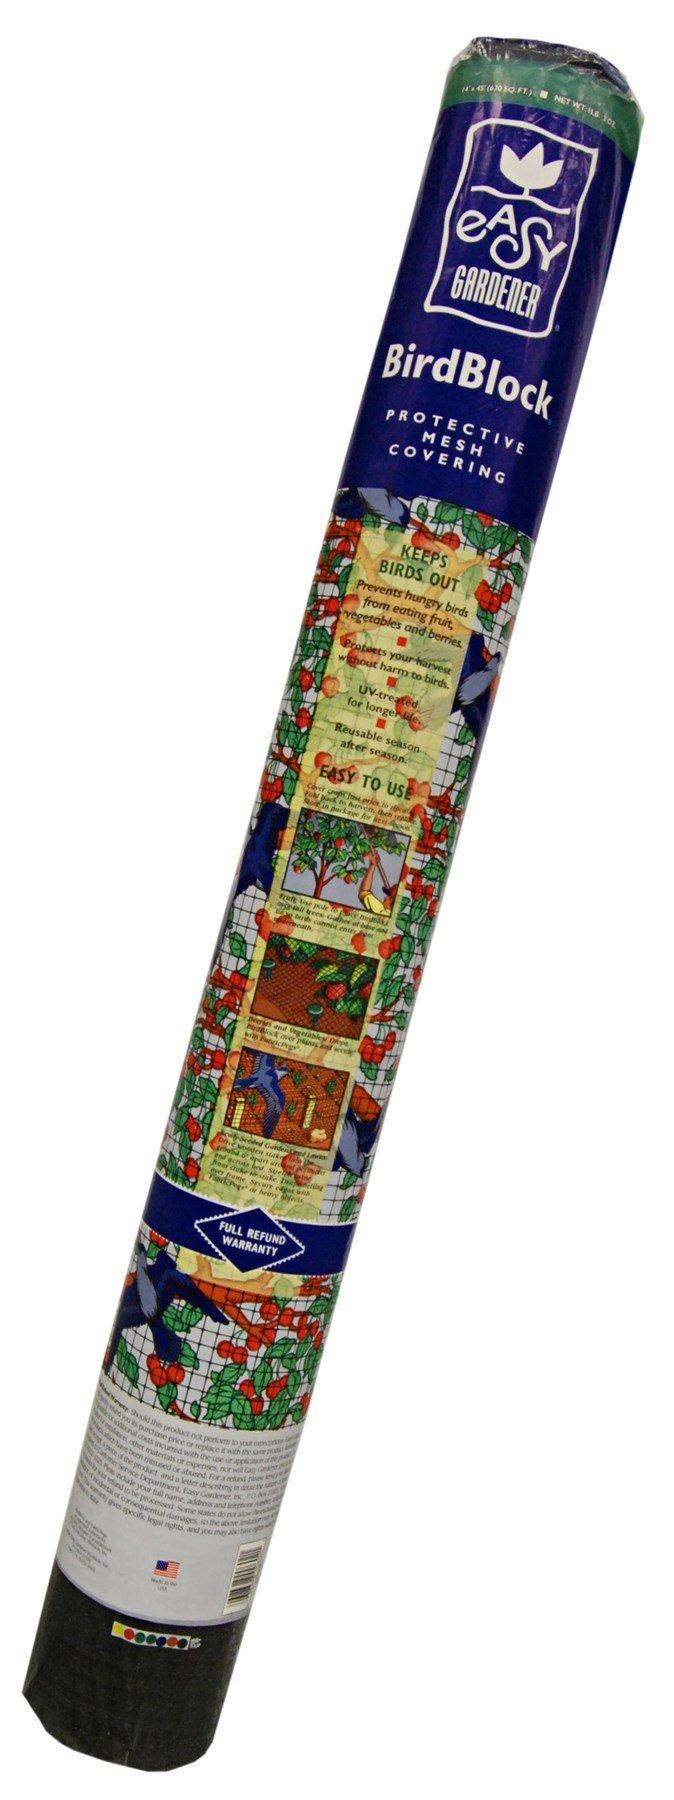 Easy Gardener 602 14' x 45' Bird X Protective Netting For Fruits & Vegetables by Easy Gardener